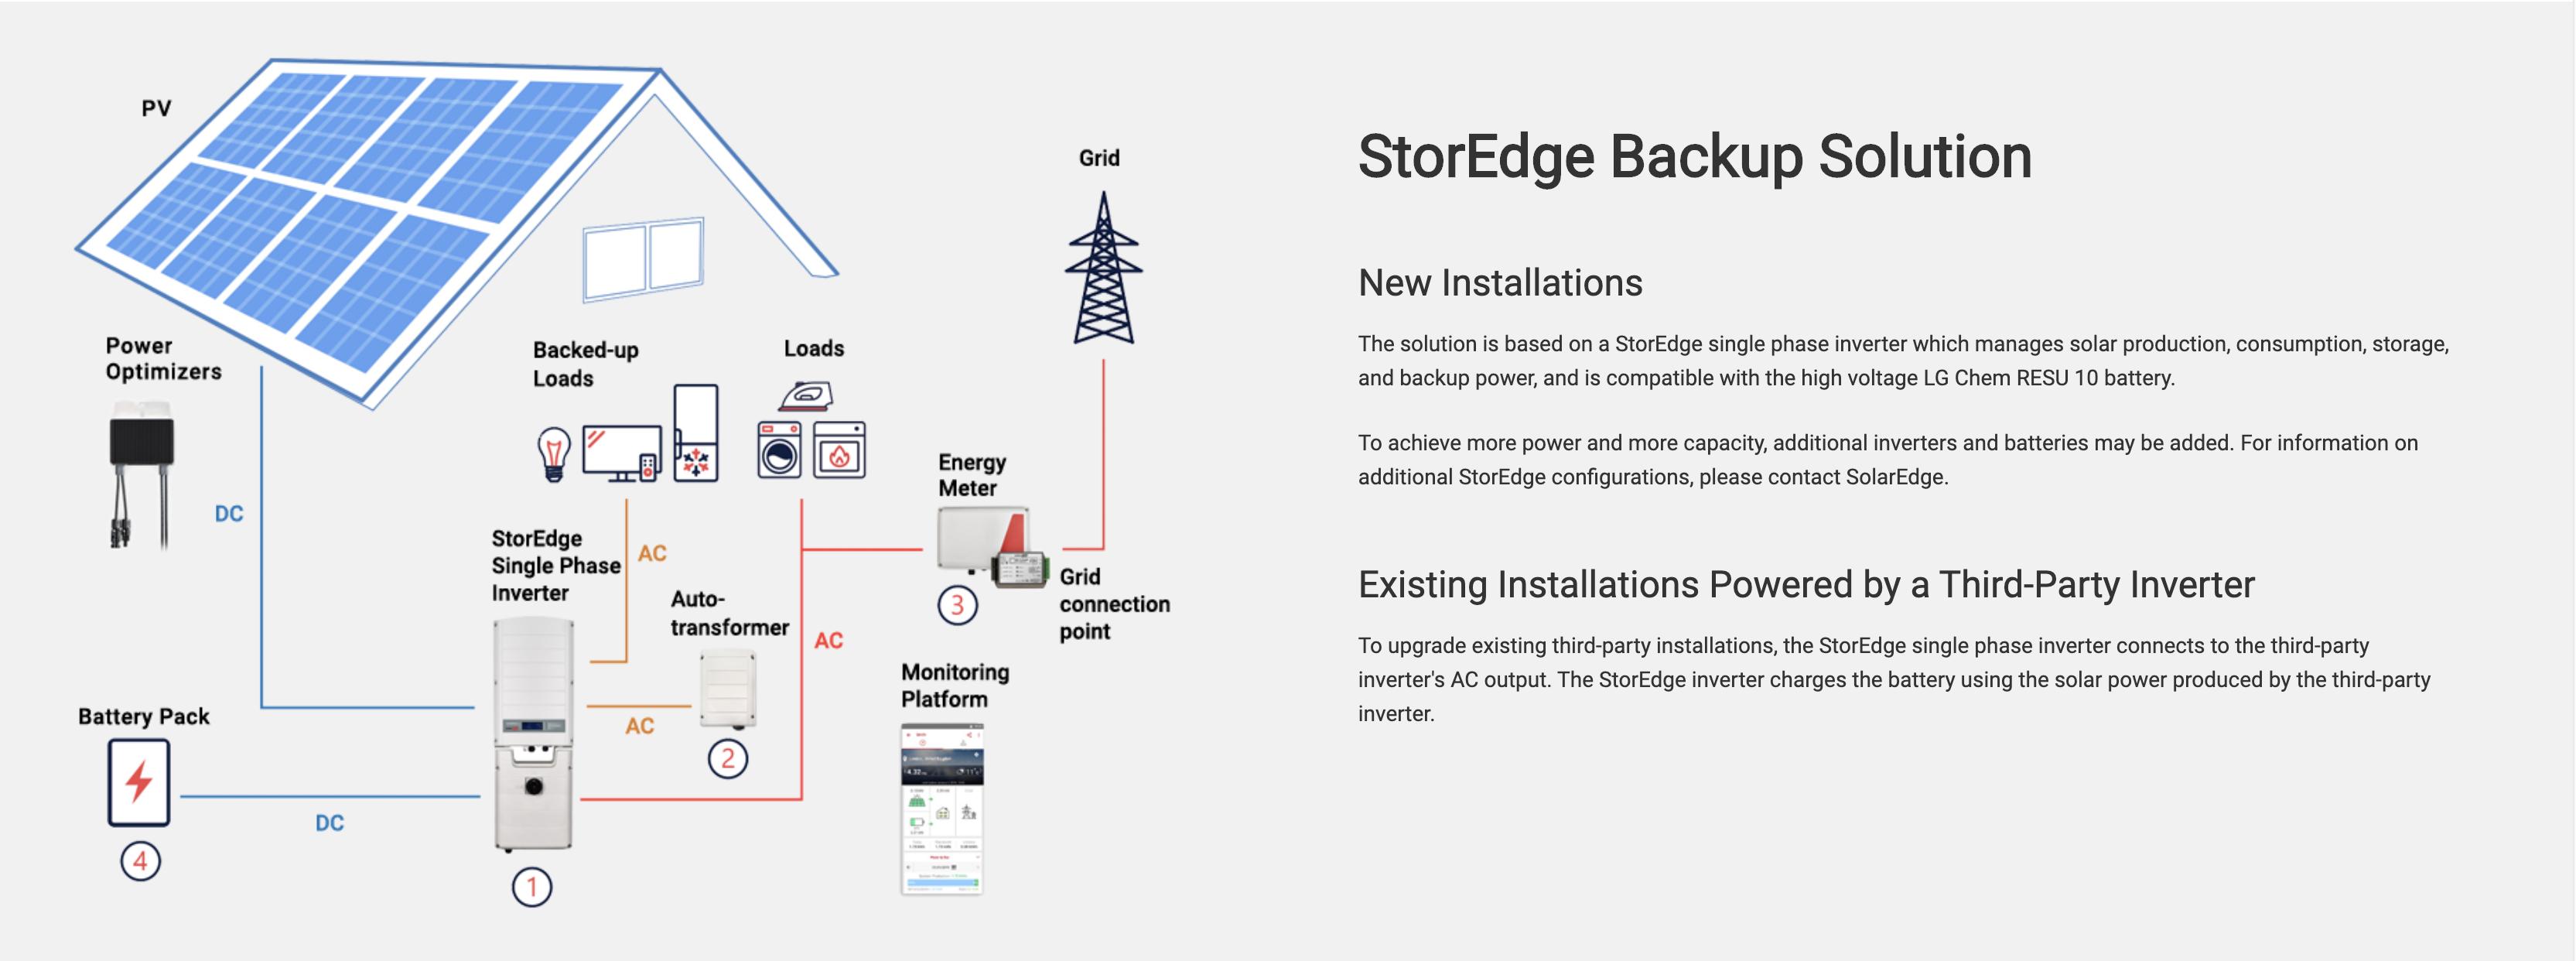 LG Chem Home Solar Battery SolarEdge Battery Backup